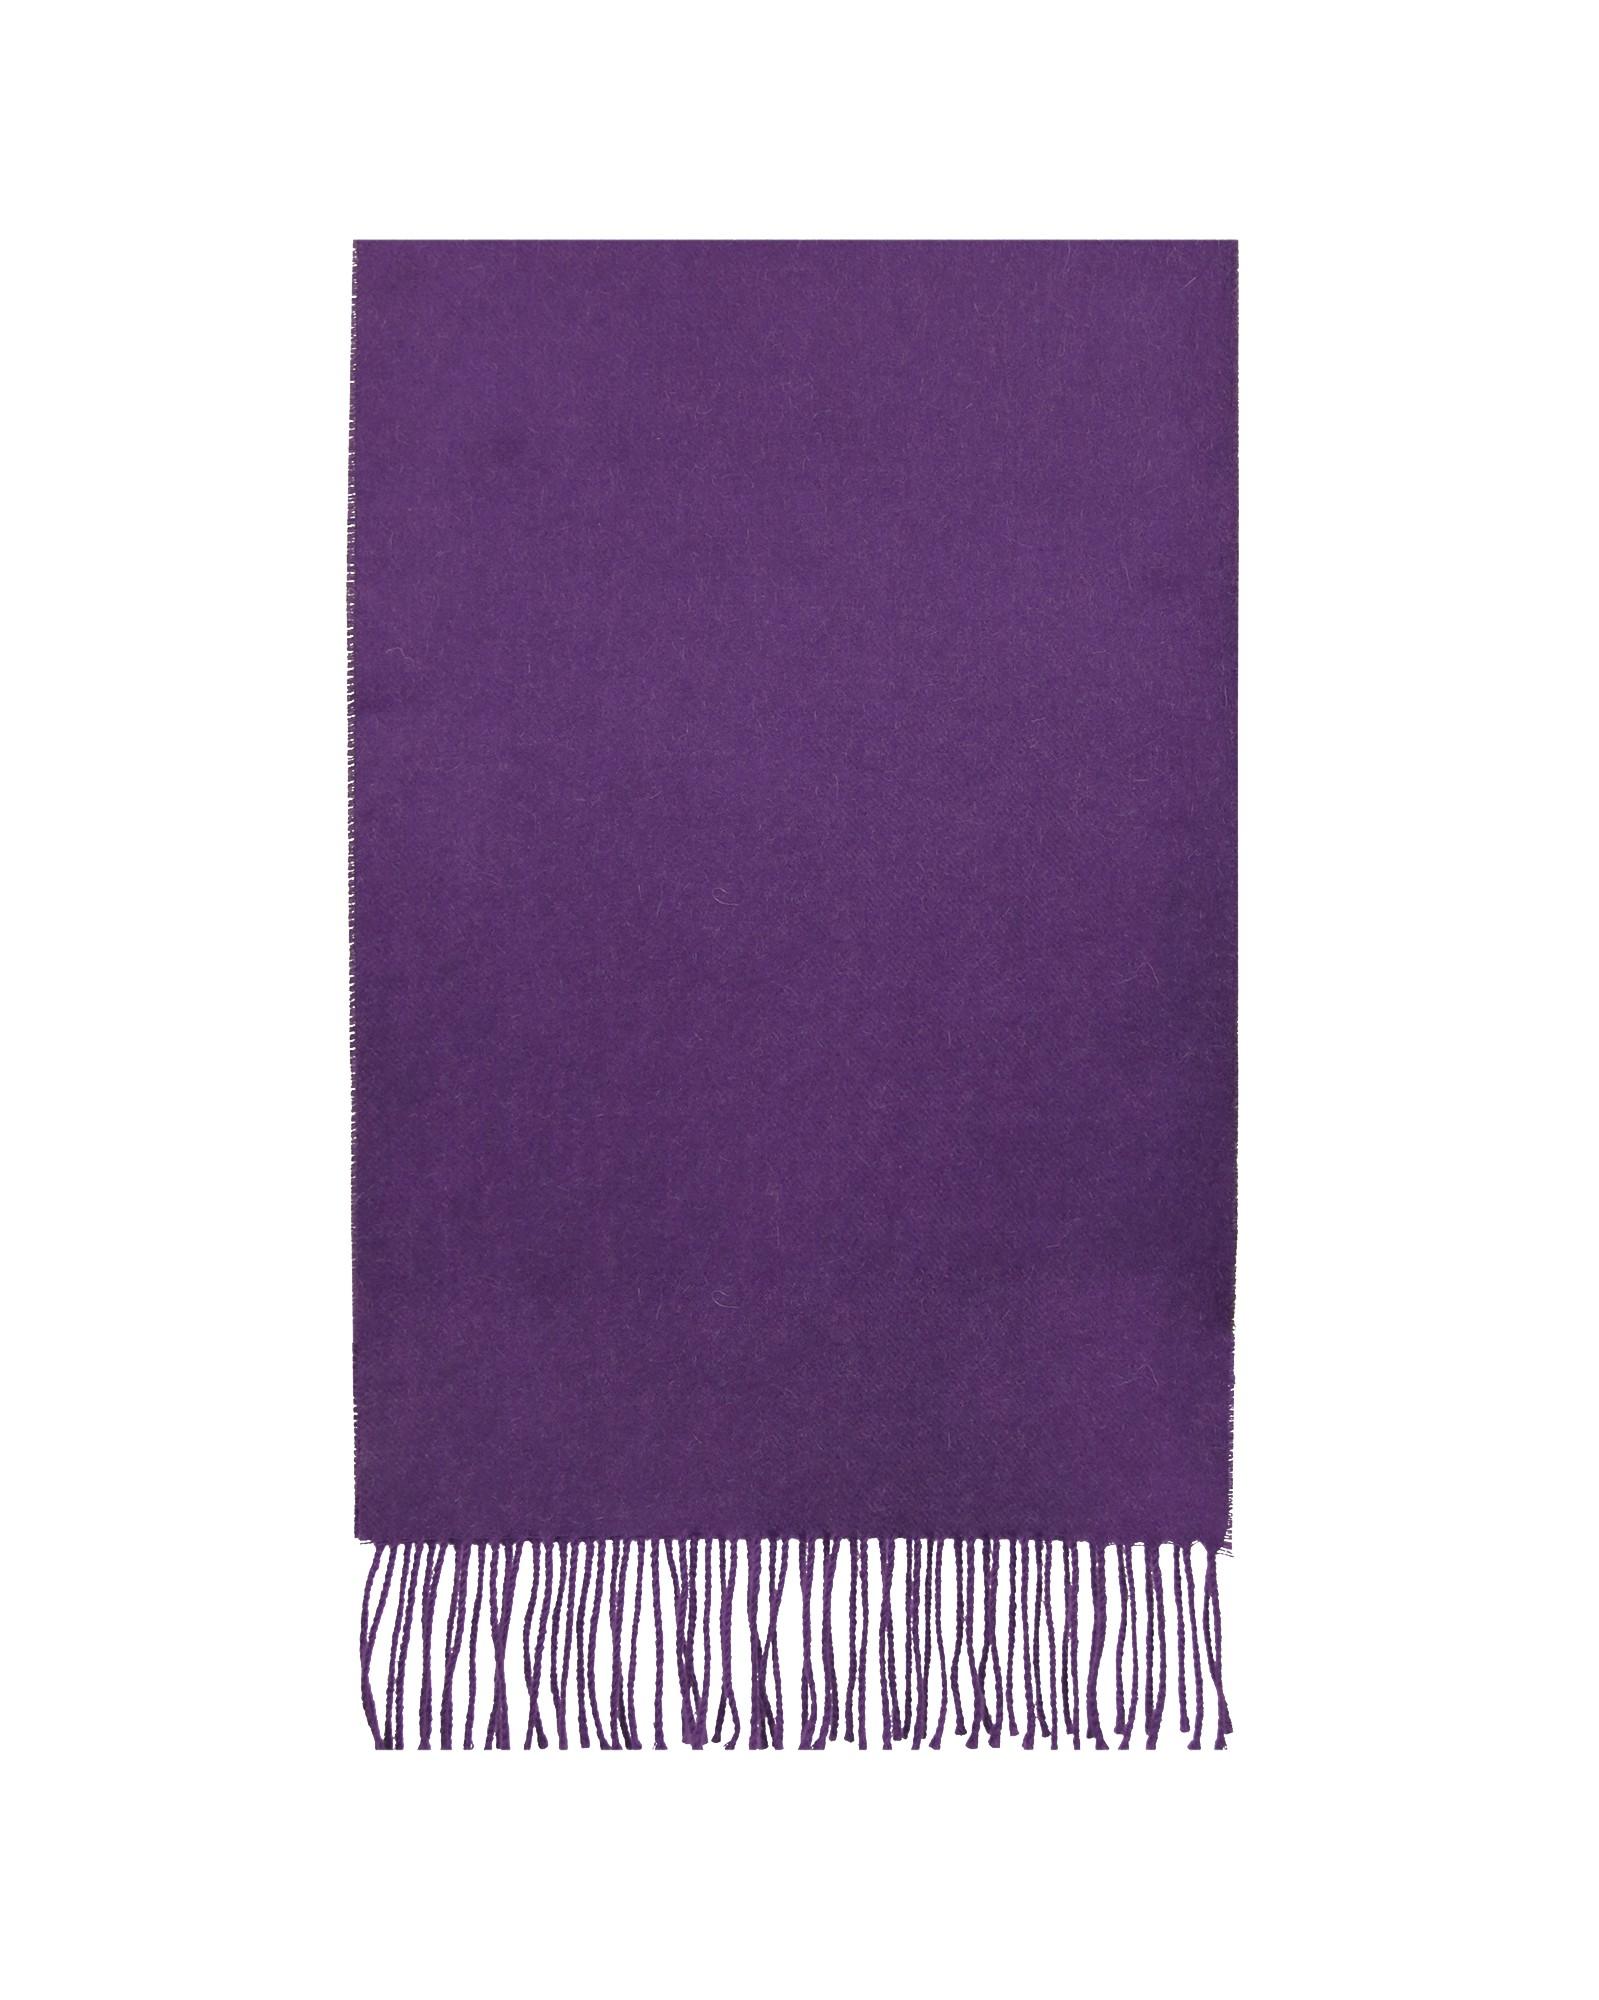 Šiltas violetinis alpakos vilnos šalikas